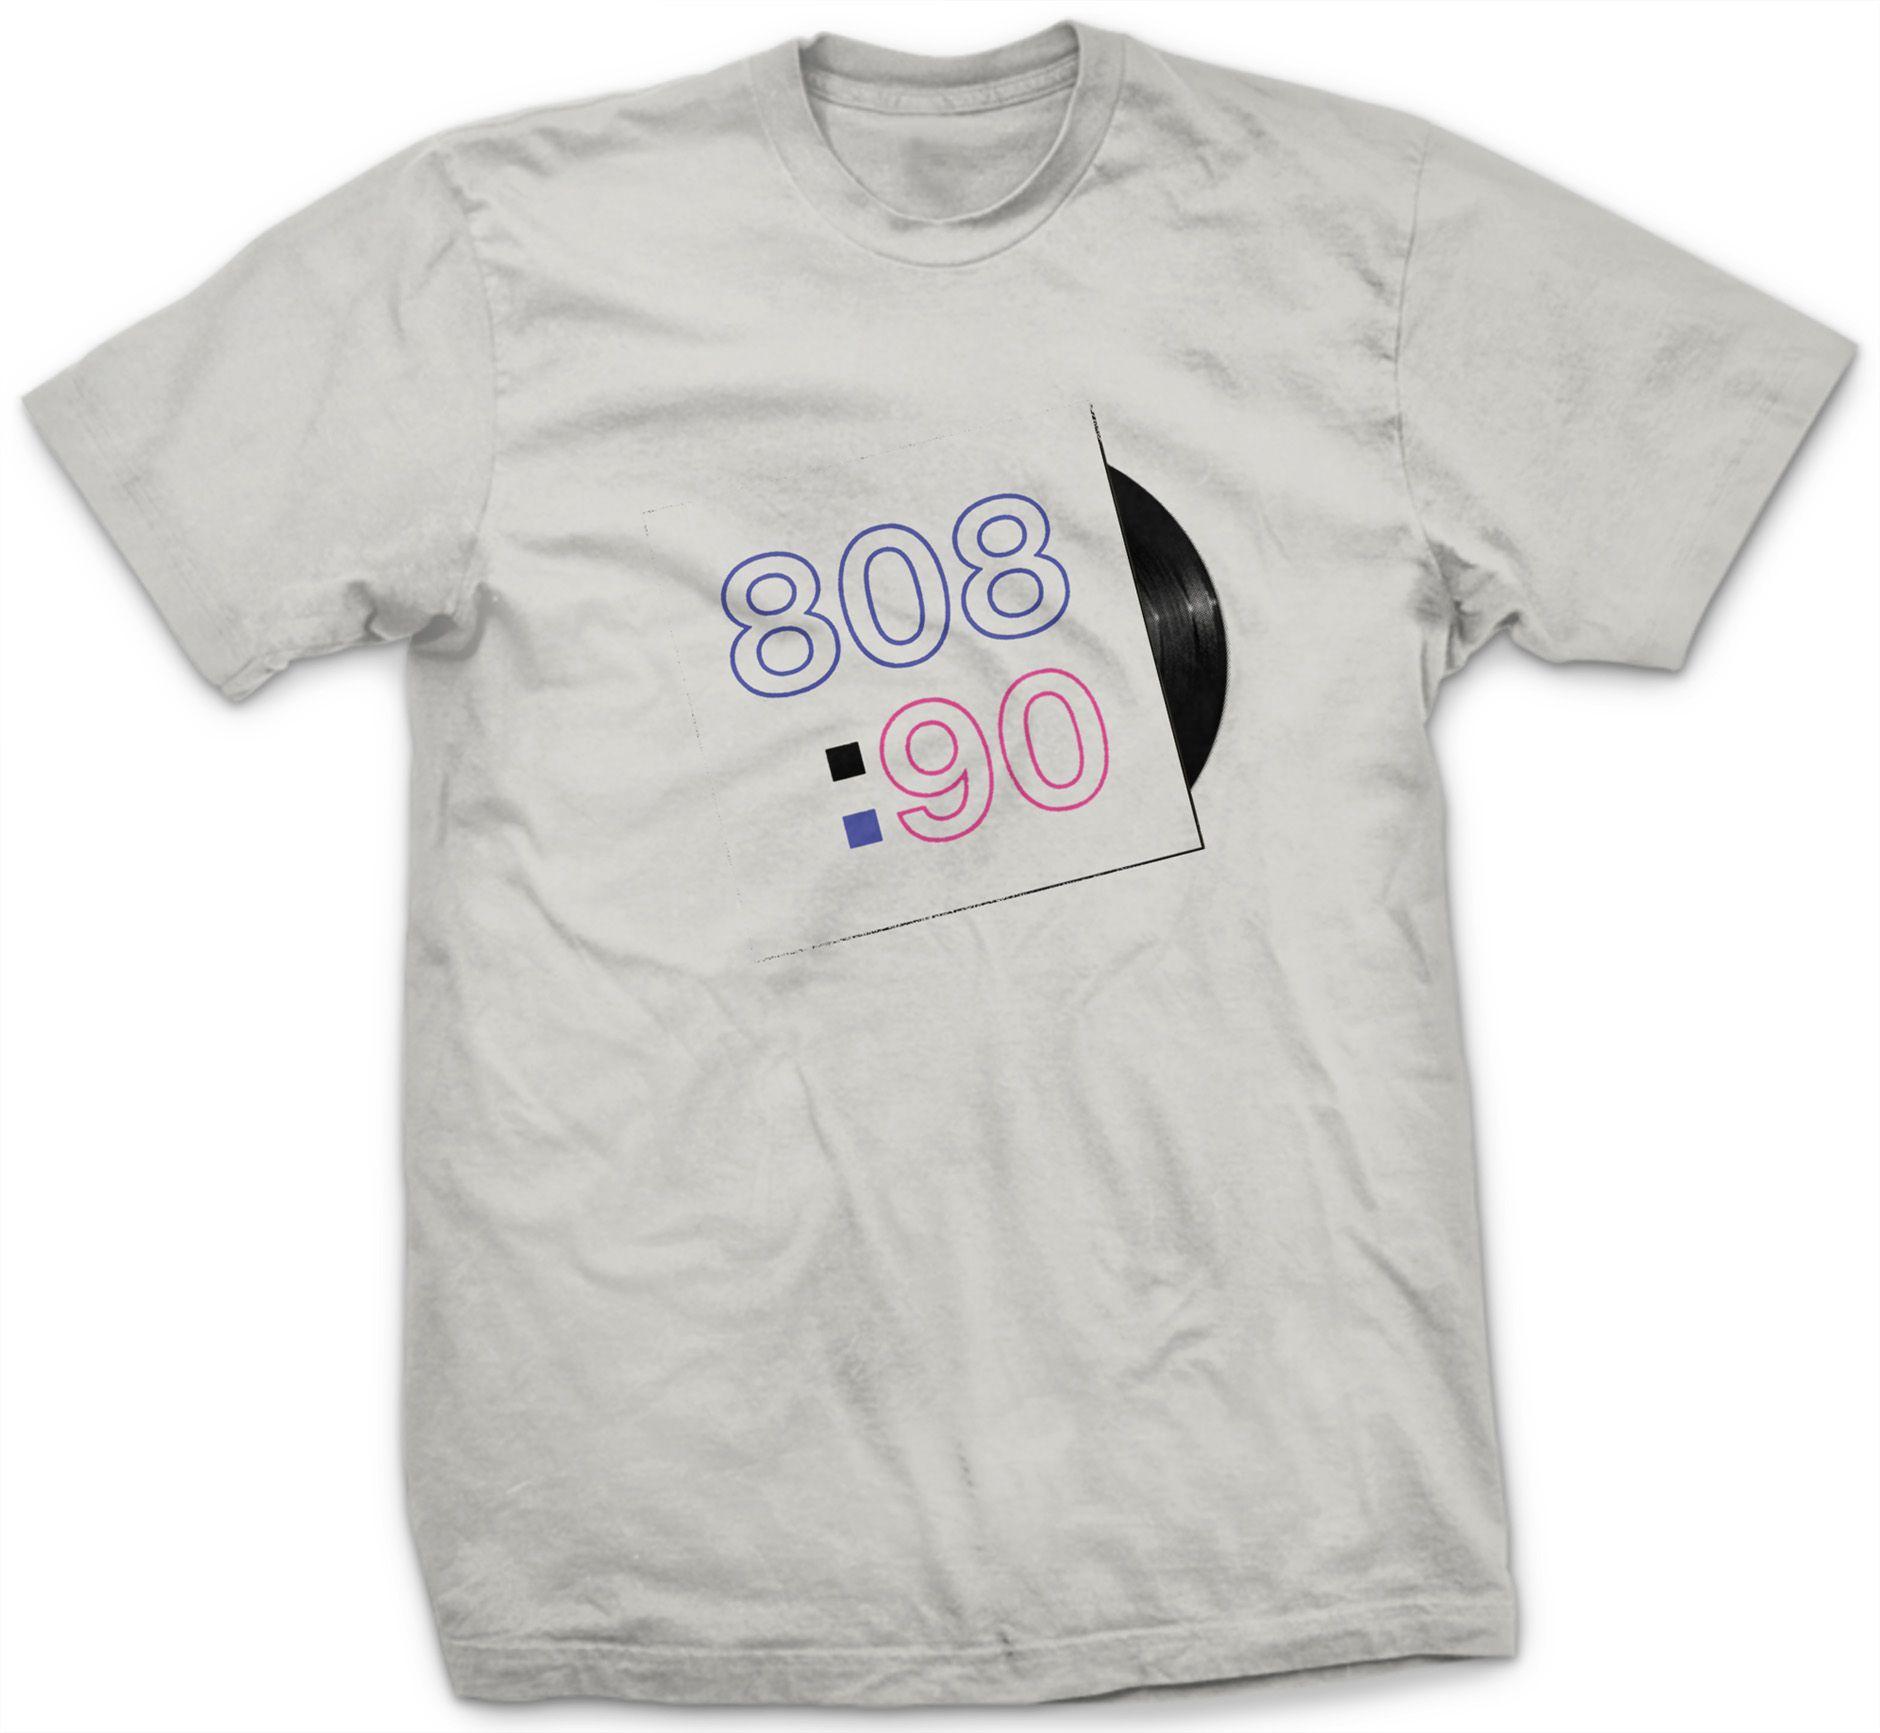 Camiseta 808 State